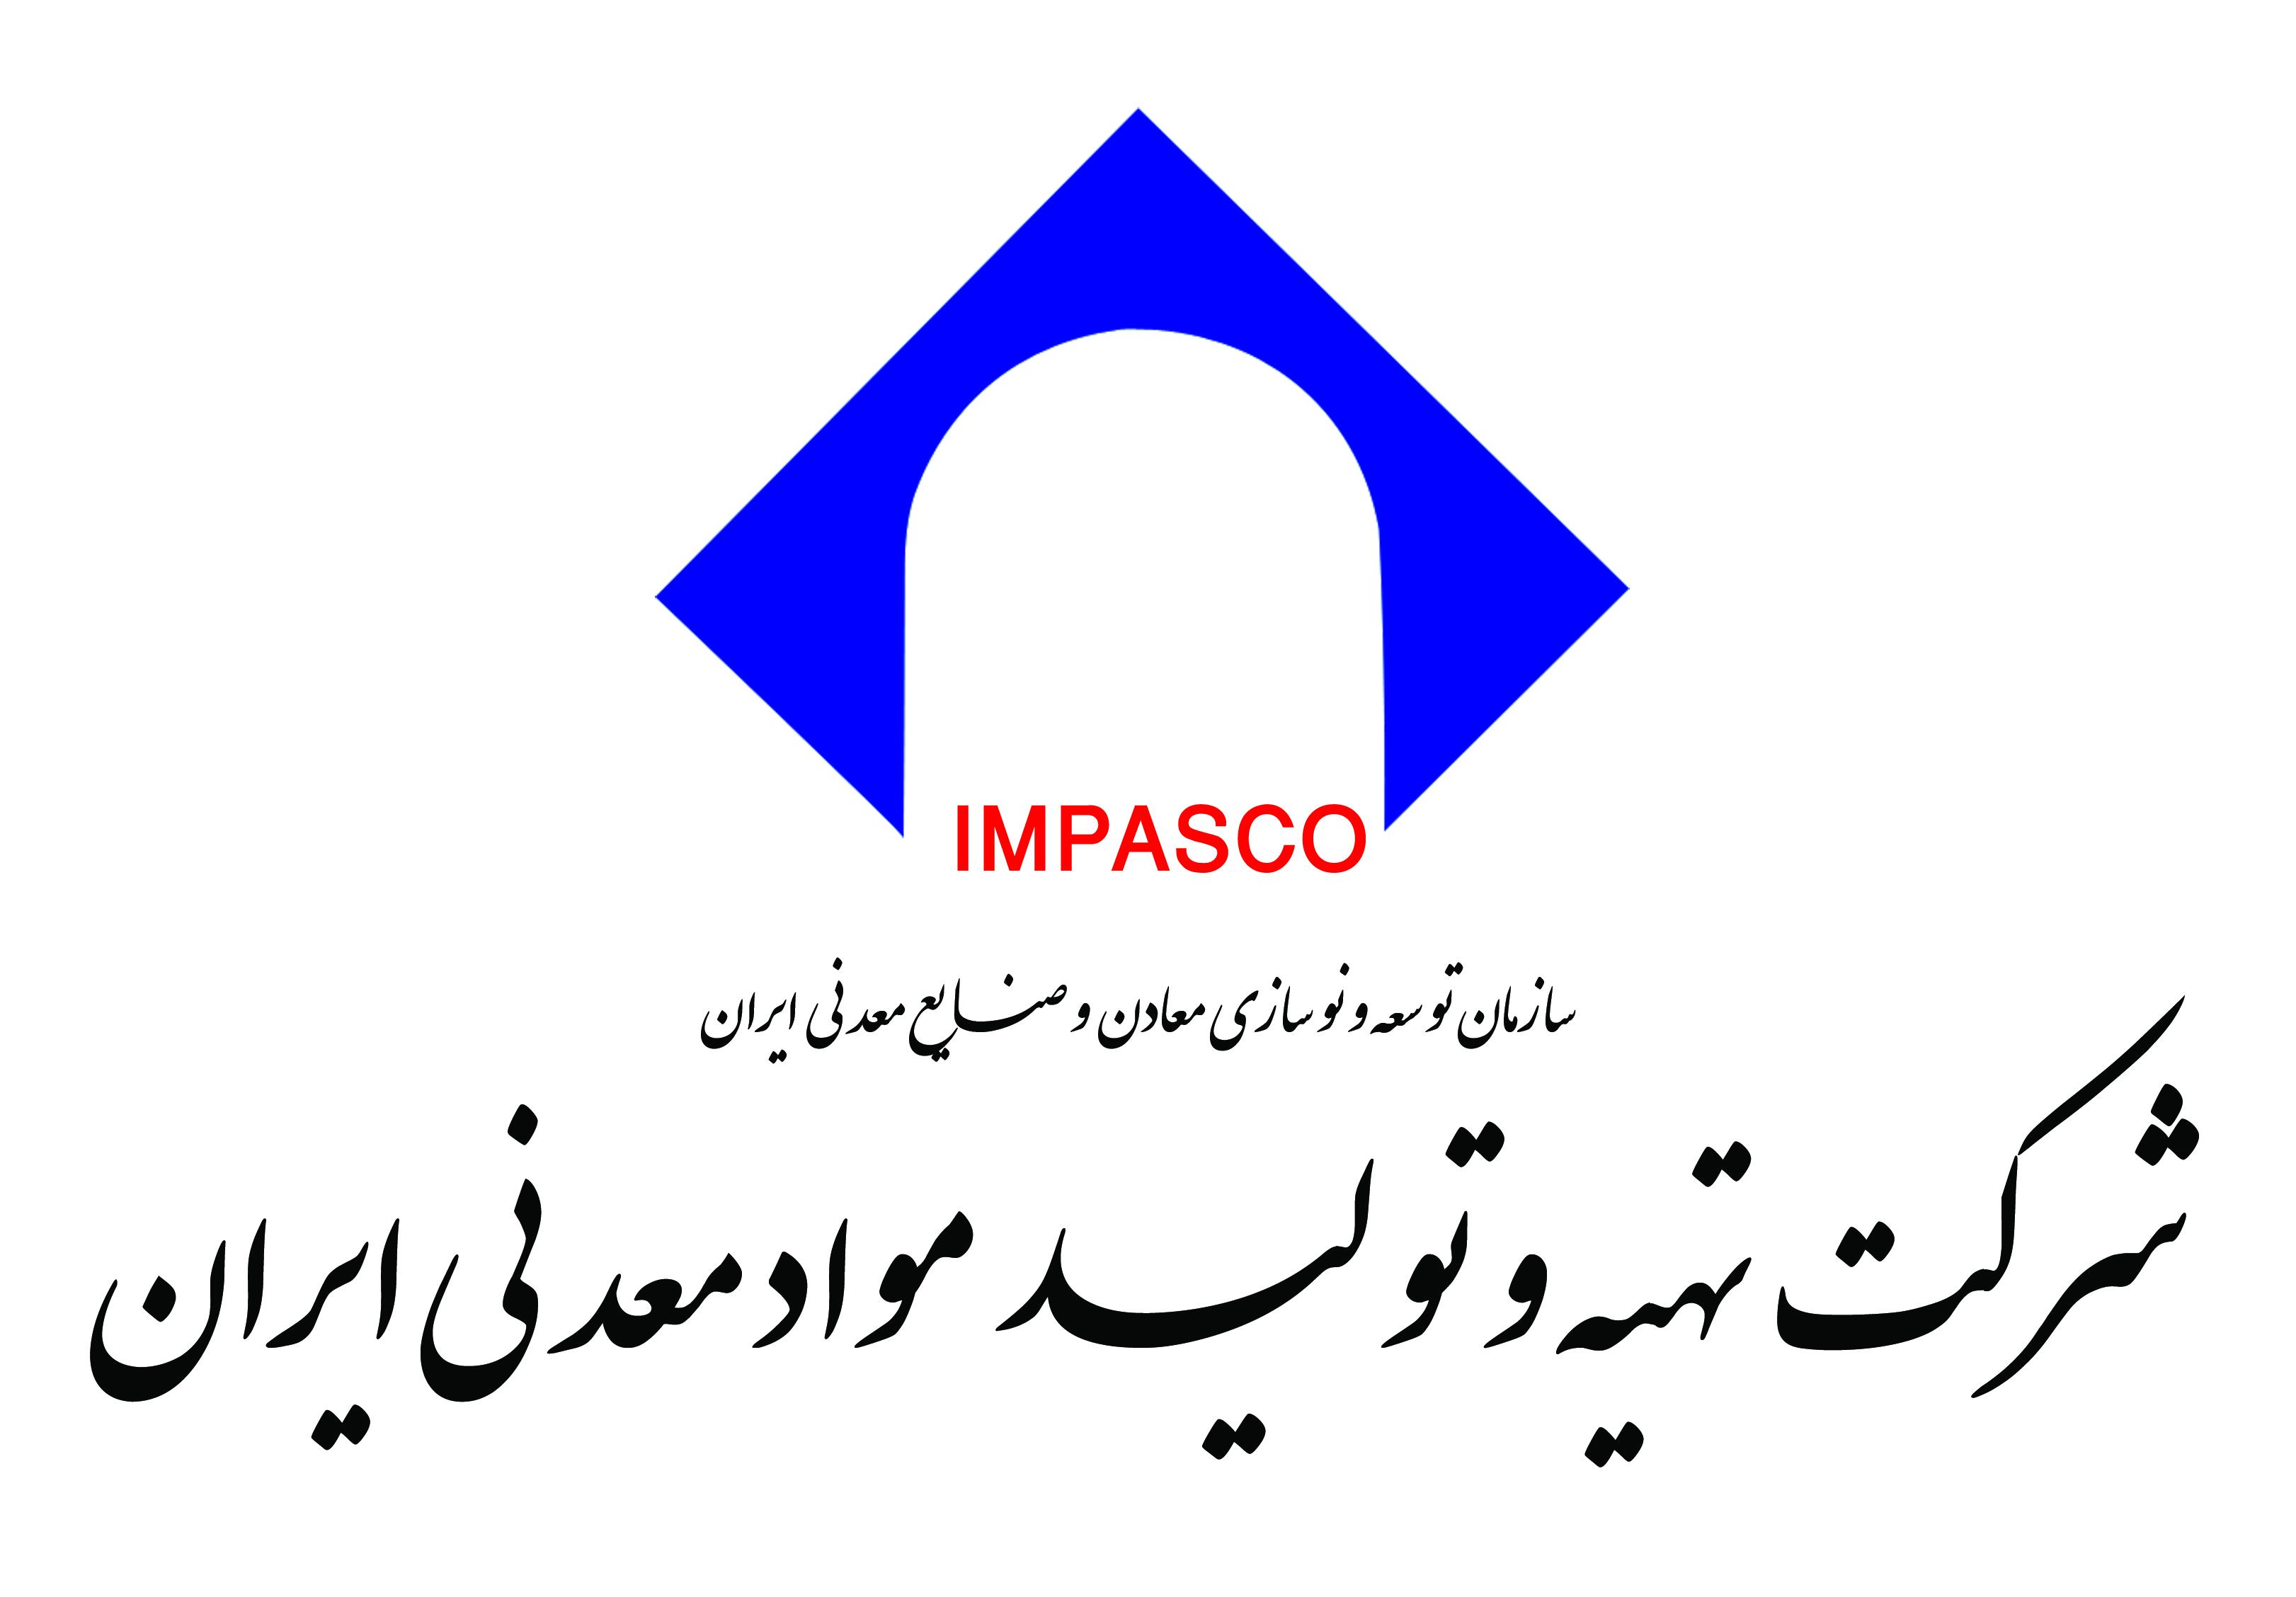 مزایده عمومی شرکت تهیه و تولید مواد معدنی ایران